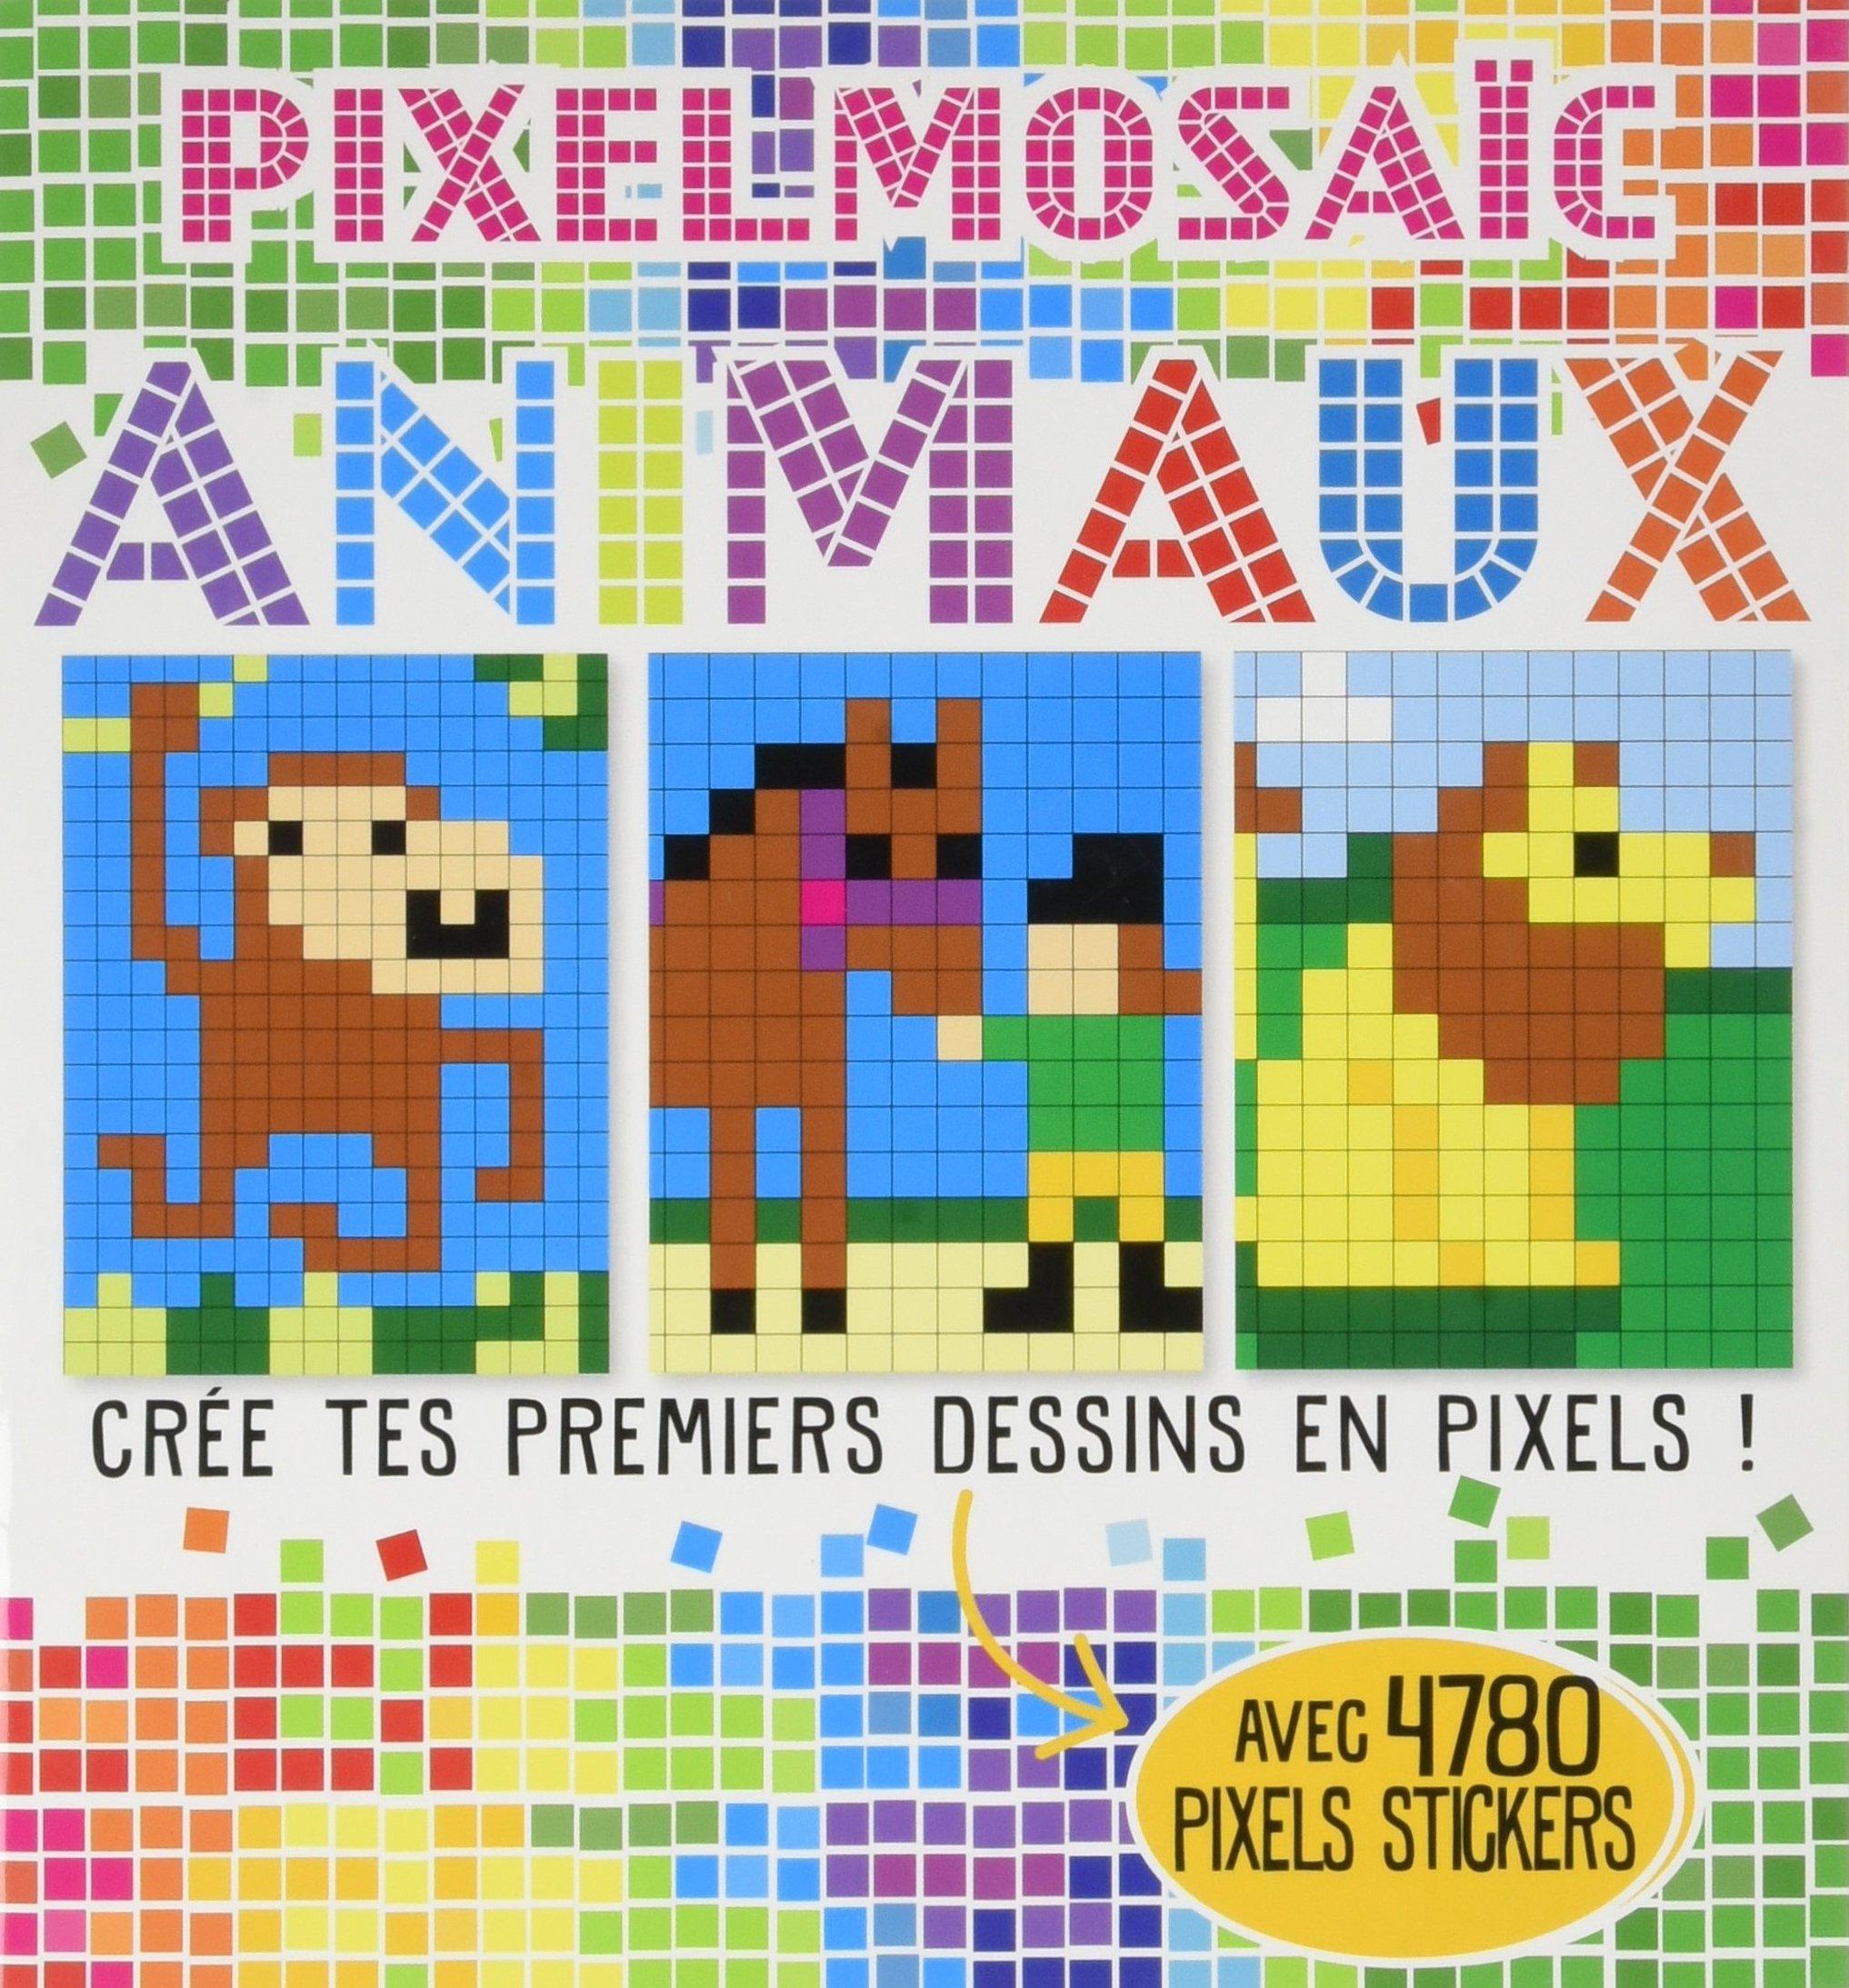 Animaux Crée Tes Premiers Dessins En Pixels Elizabeth